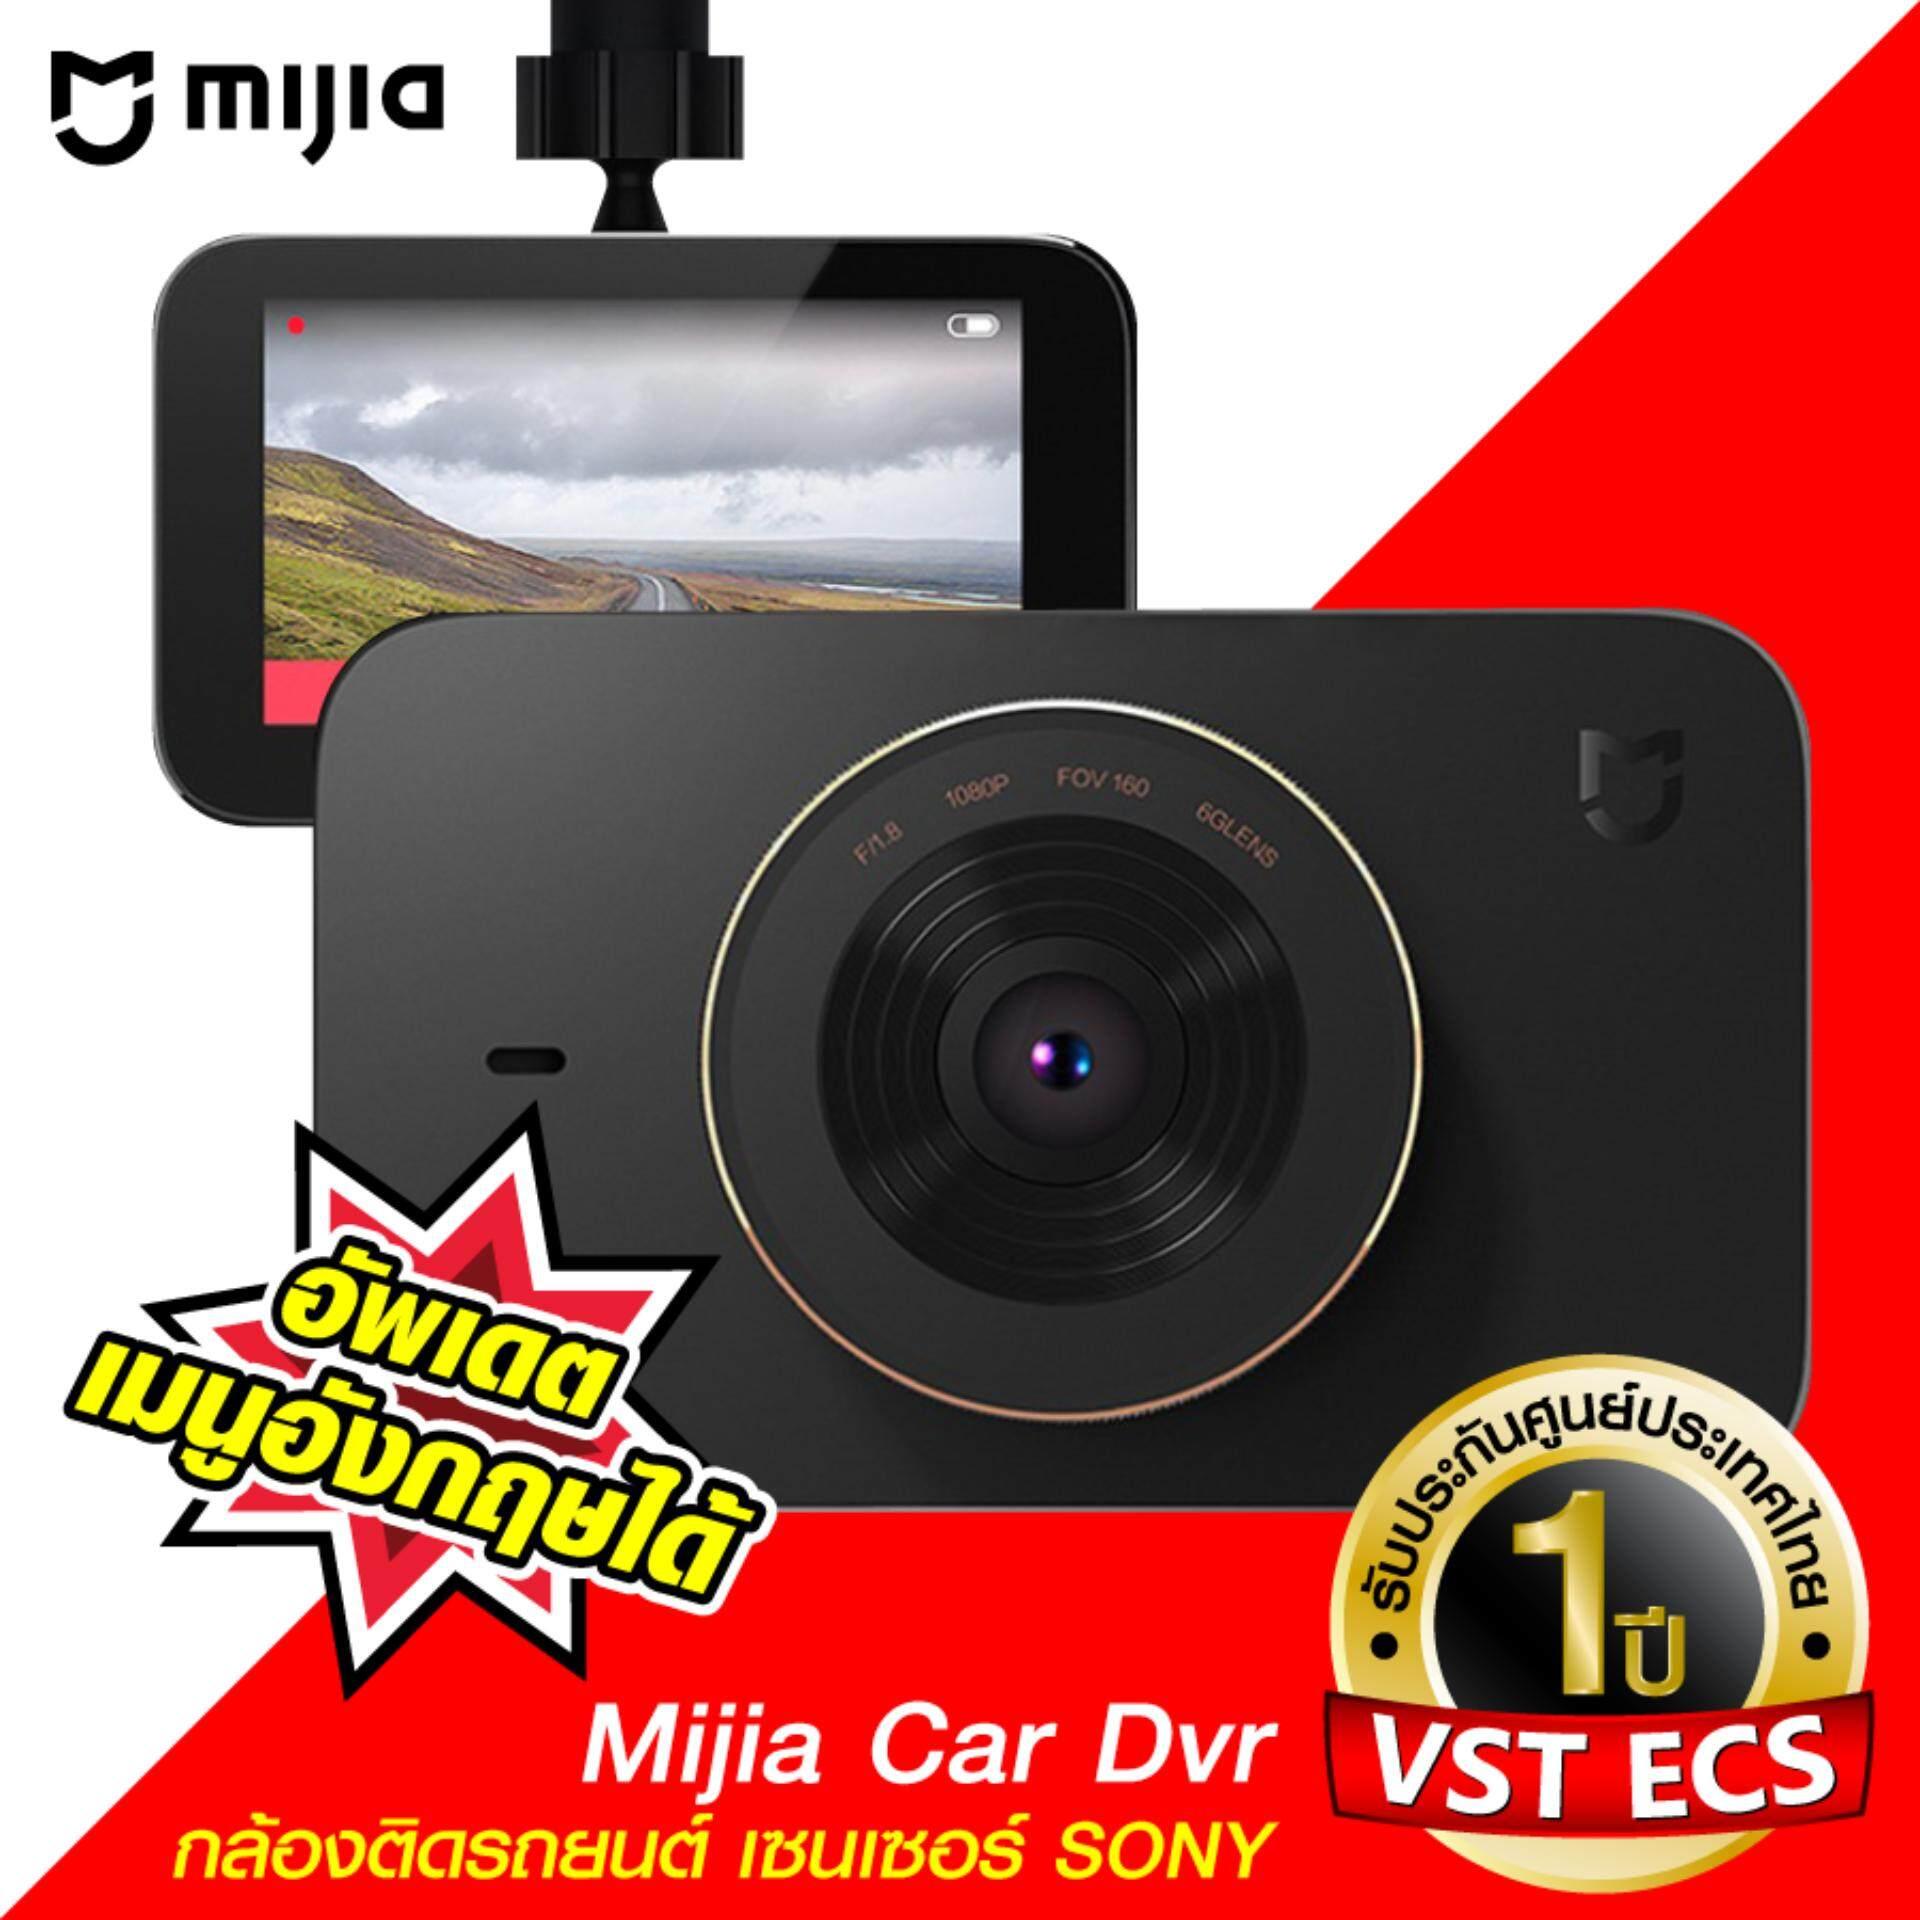 ราคา กล้องติดรถยนต์ Xiaomi Mijia Car Dvr มี Wifi เซนเซอร์ Sony Imx323 รับประกันศูนย์ไทย Vstecs 1 ปีเต็ม ใหม่ล่าสุด